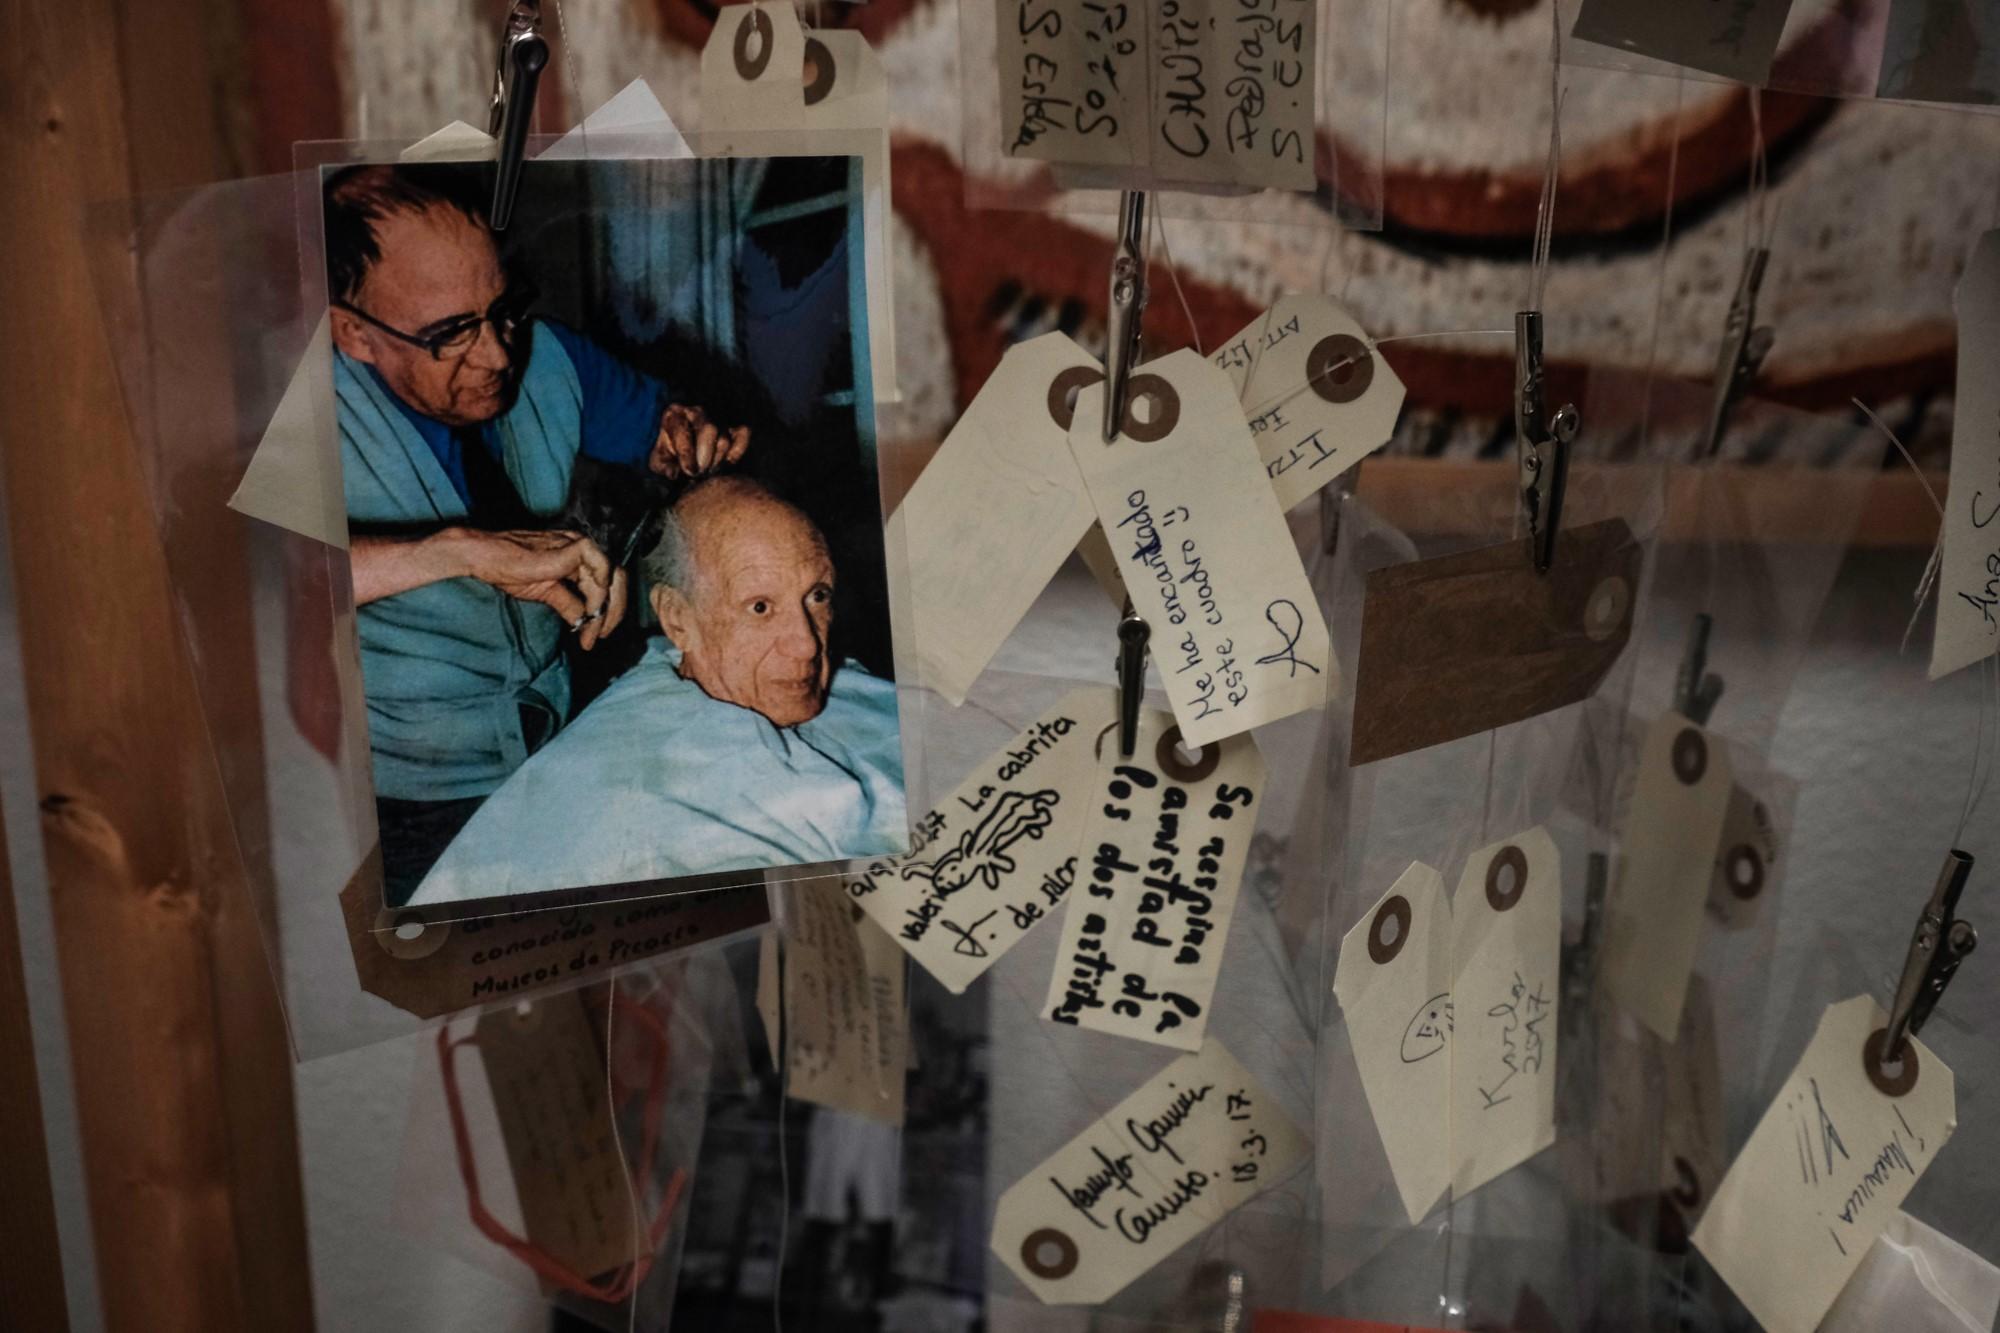 La foto de Picasso con su querido peluquero, uno de los detalles que podemos ver en el museo dedicado al artista.